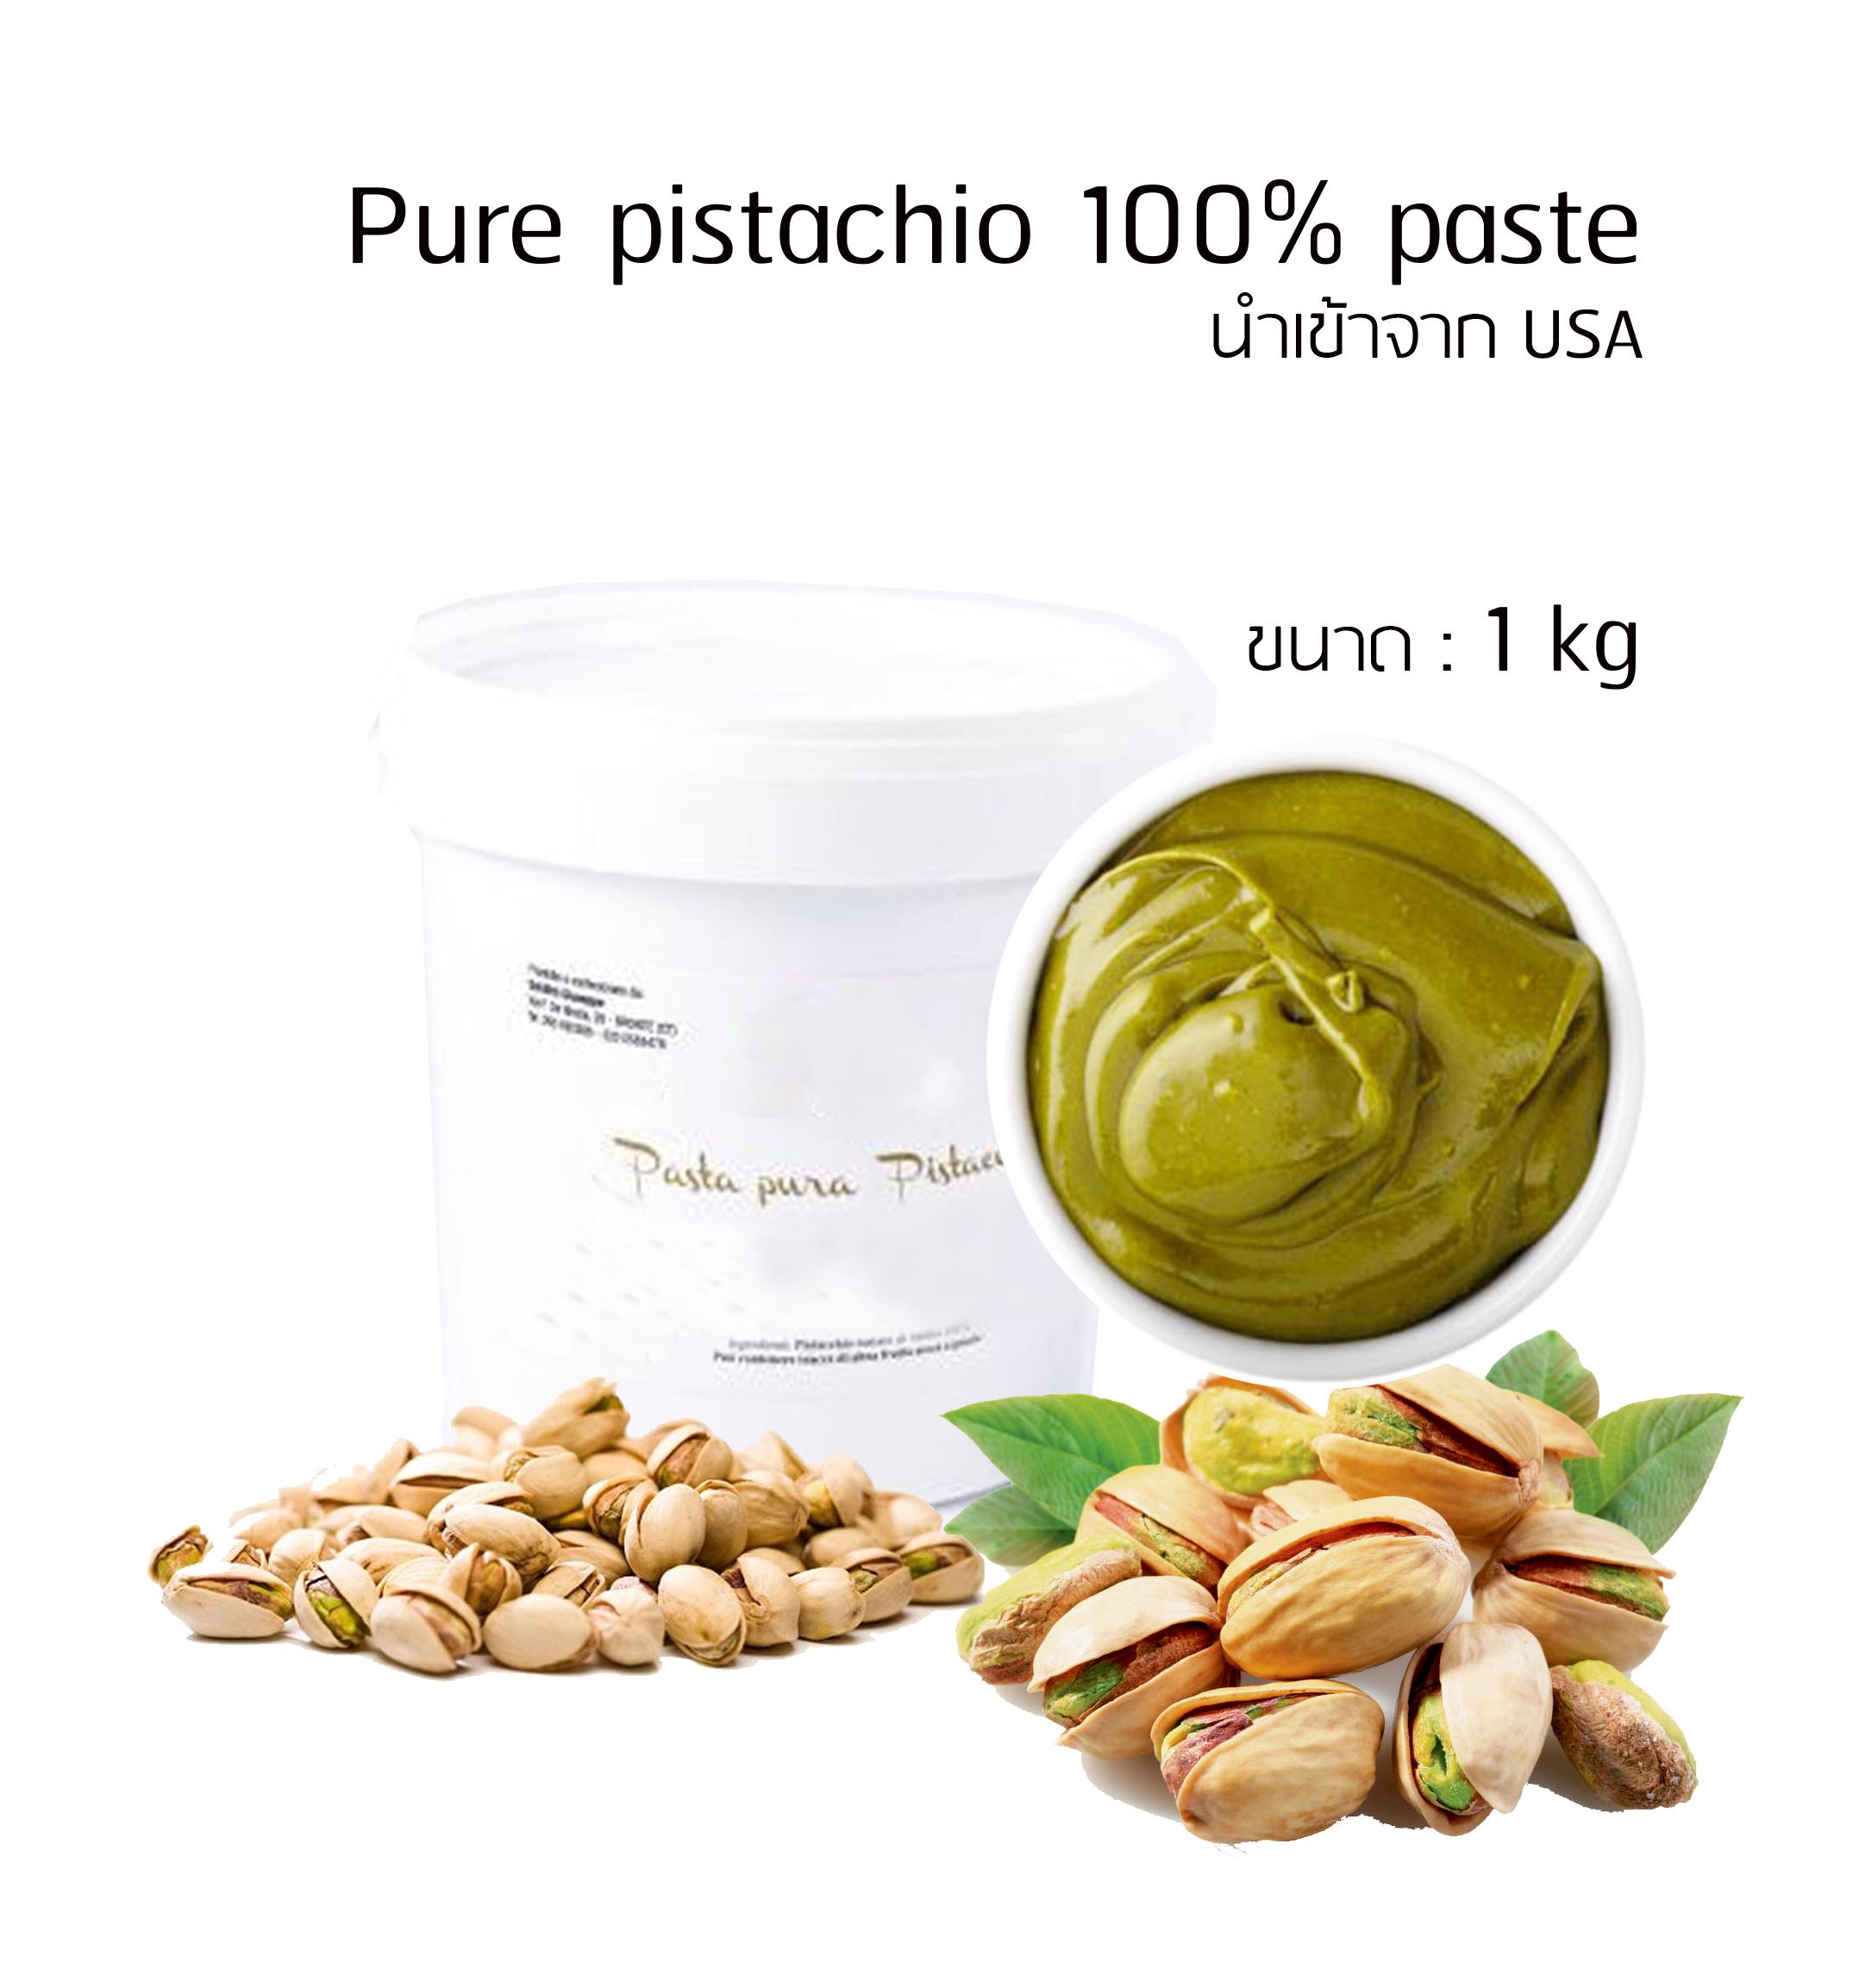 Pure pistachio 100% paste 1 kg